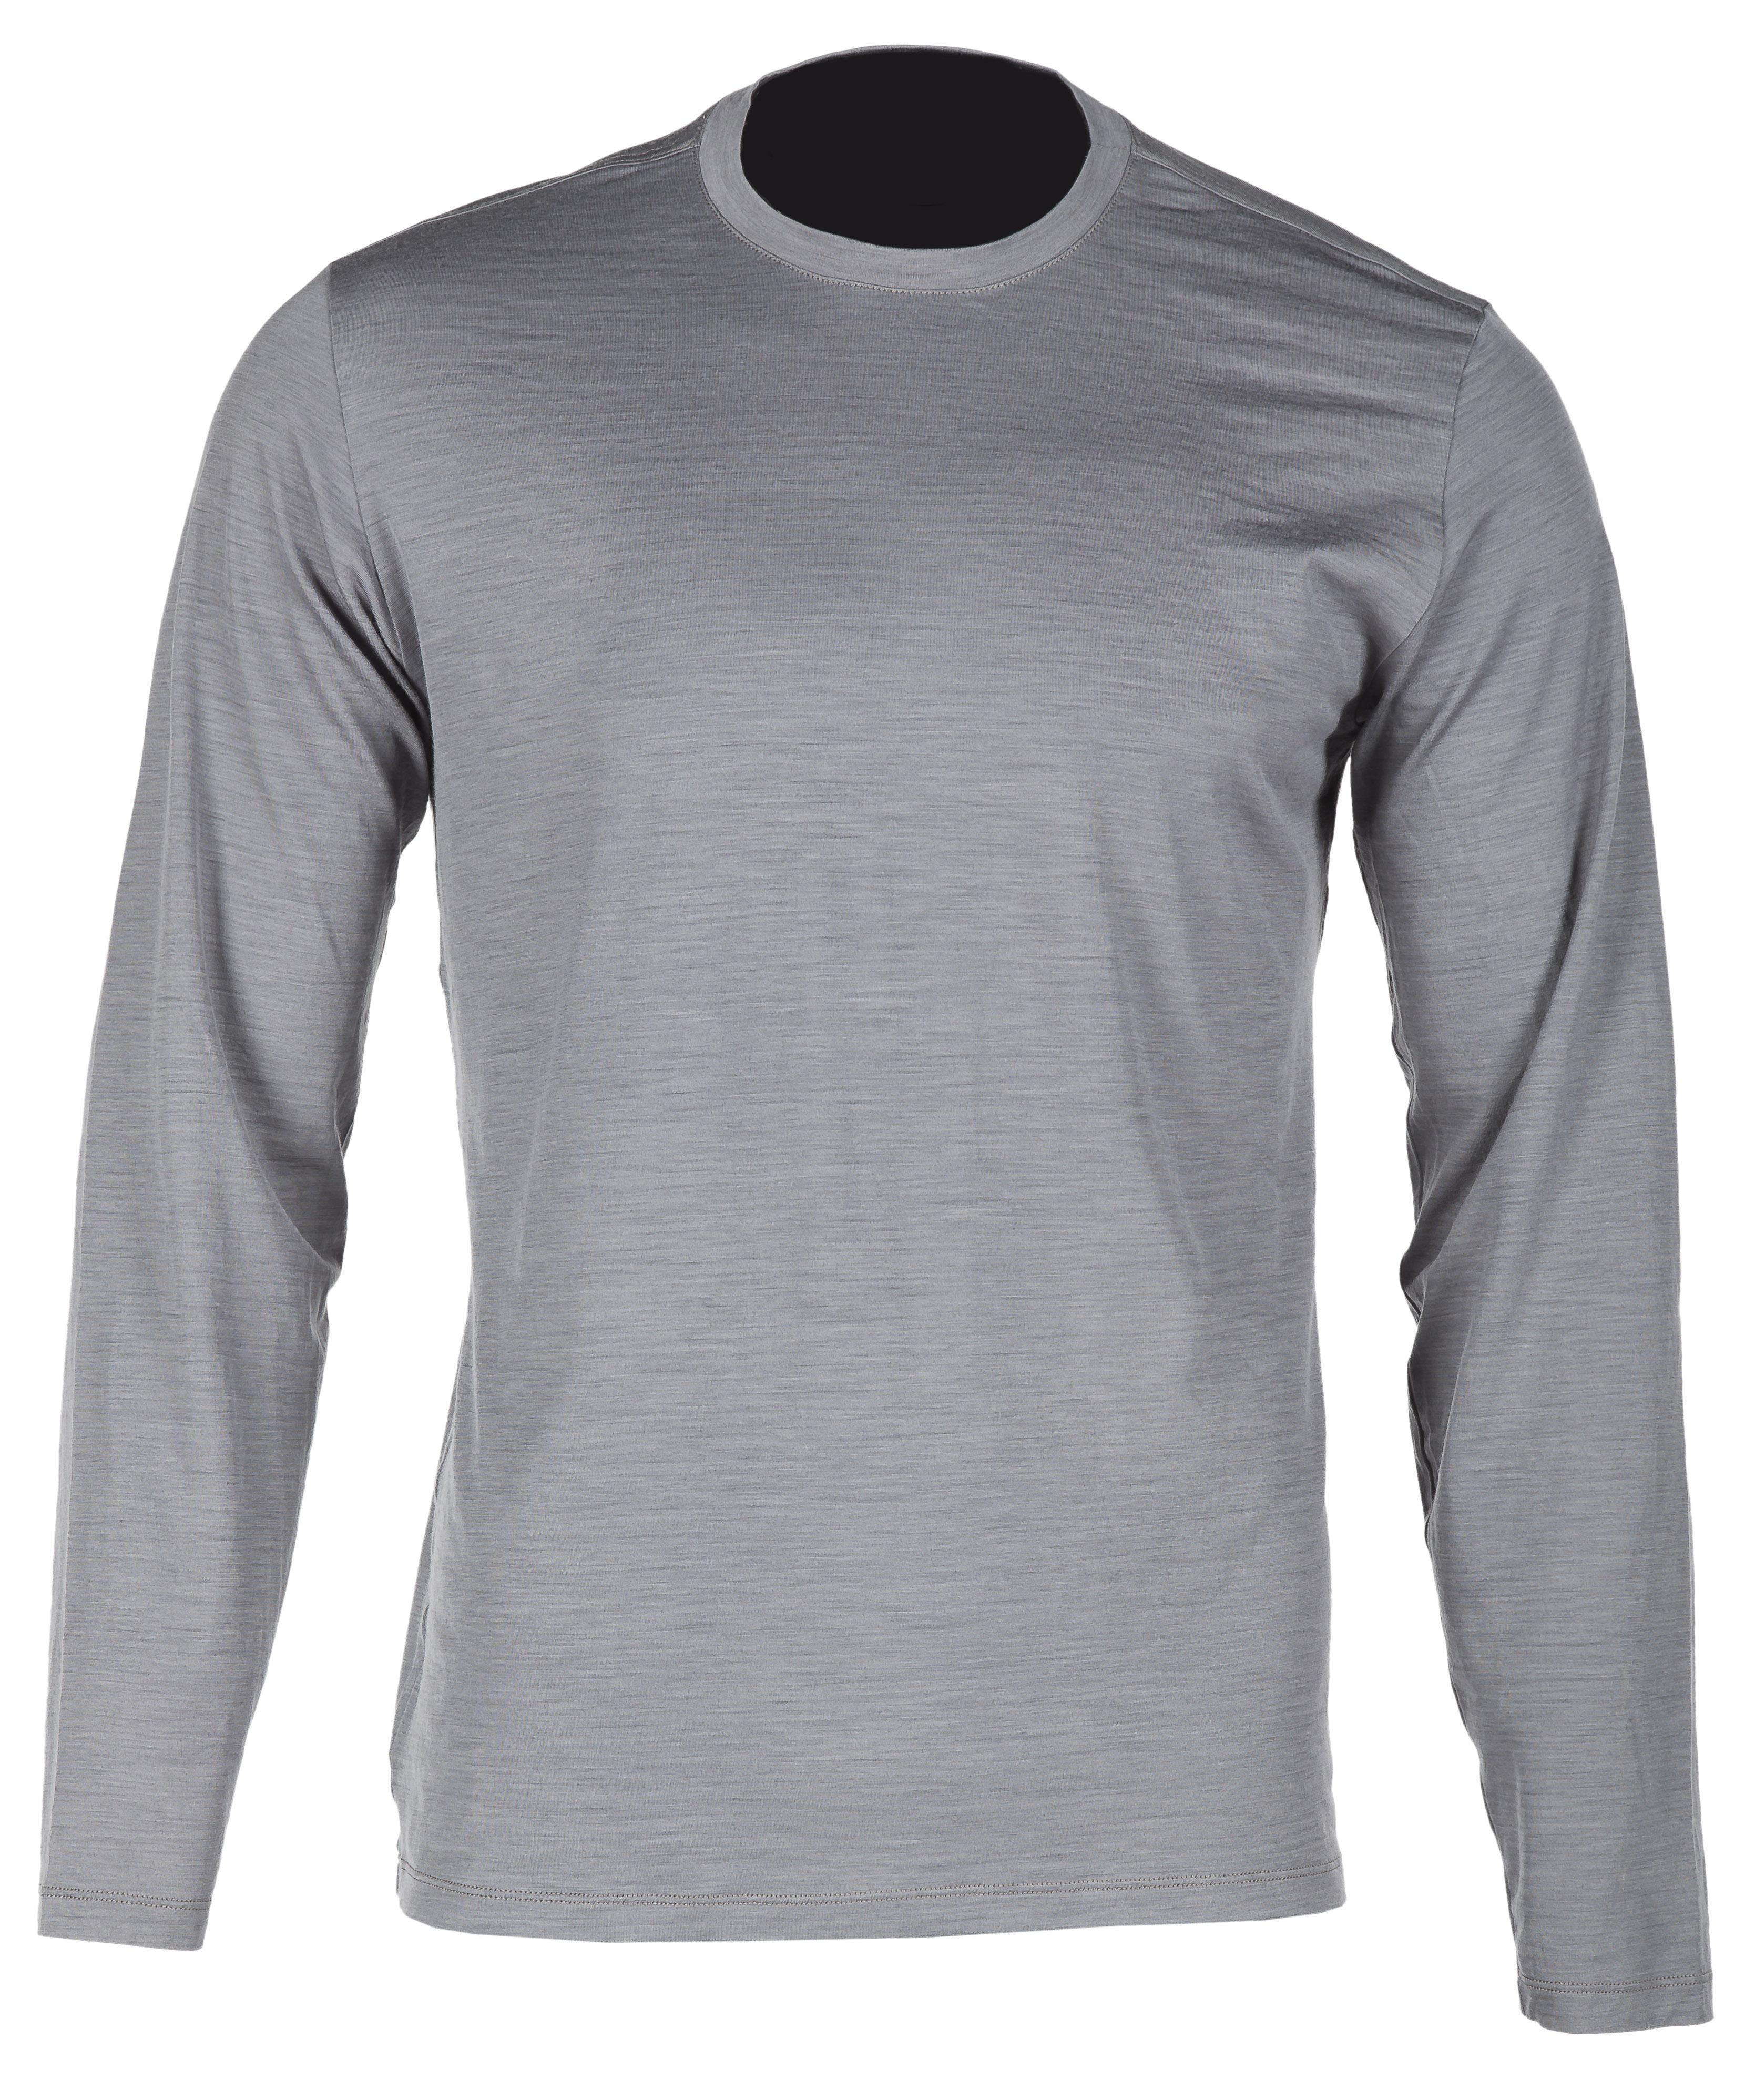 3712-000-600 Teton Merino Wool LS